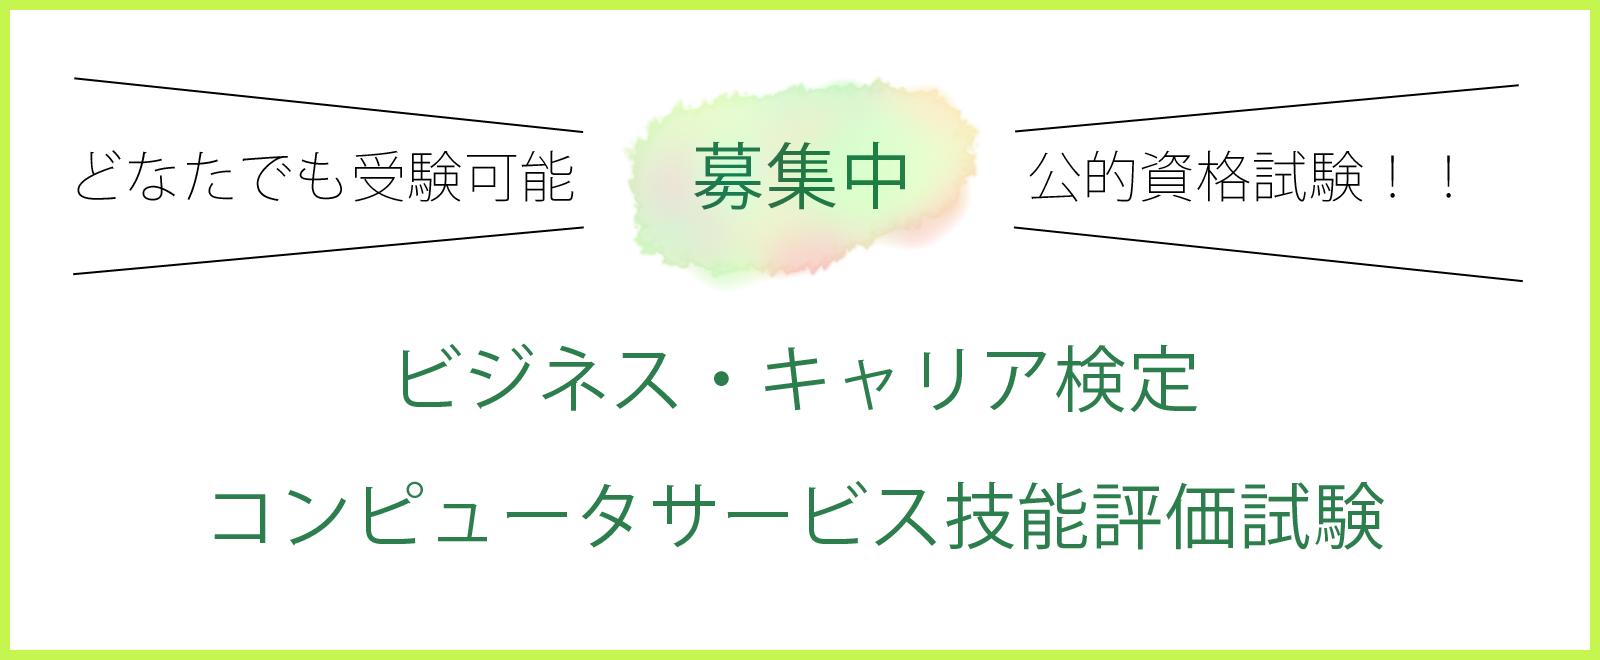 募集中 ビジネス・キャリア検定 コンピュータサービス技能評価試験